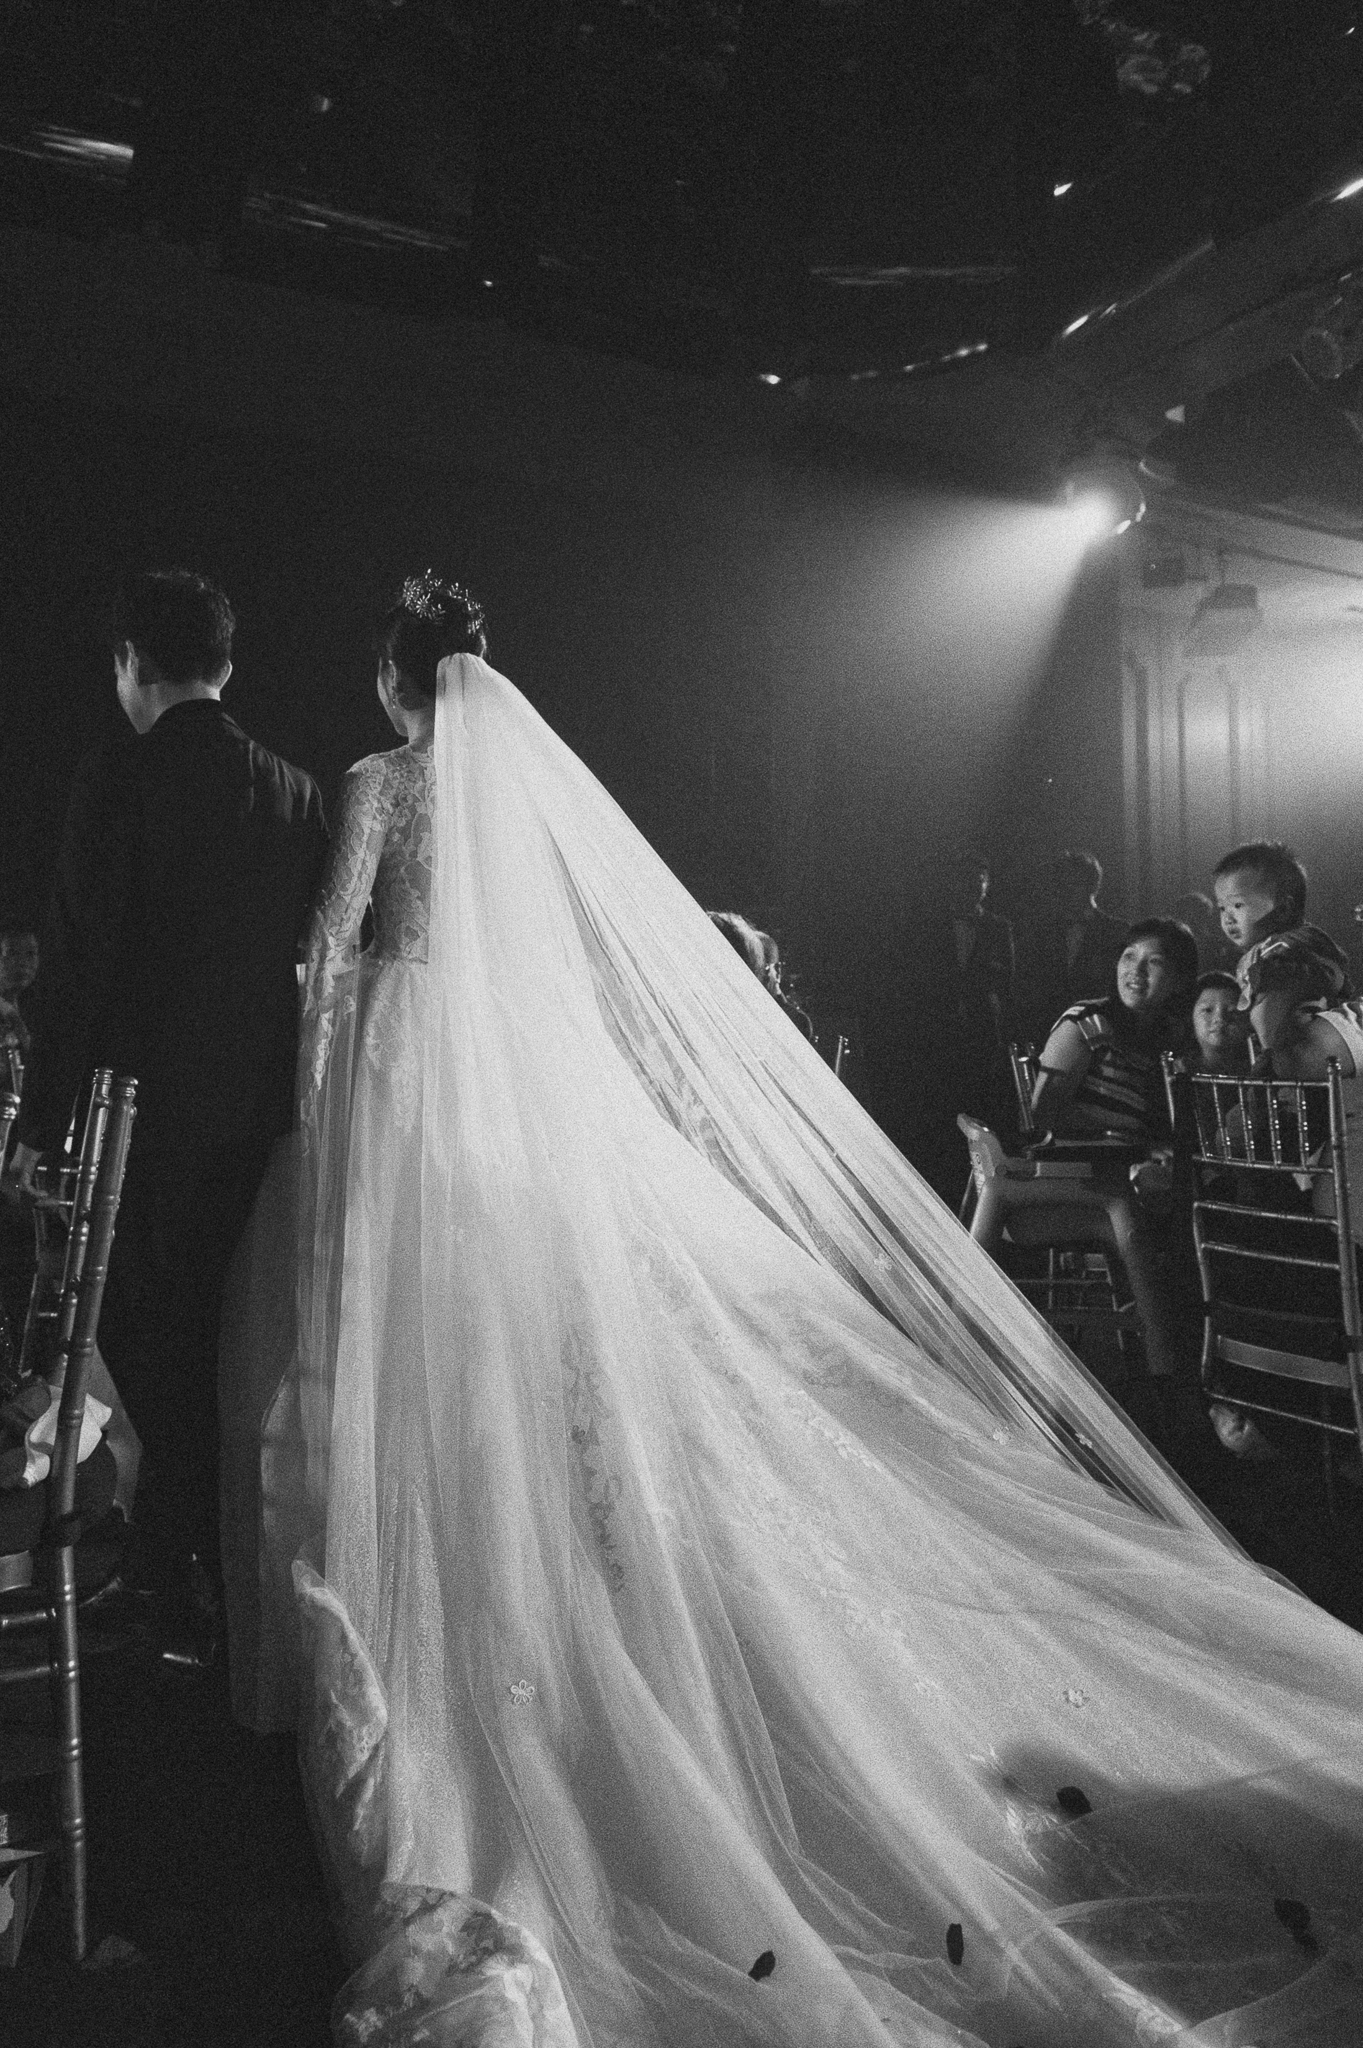 婚攝小亮 LiangPhotography 婚禮紀錄 新莊頤品 頤品婚攝 推薦婚攝